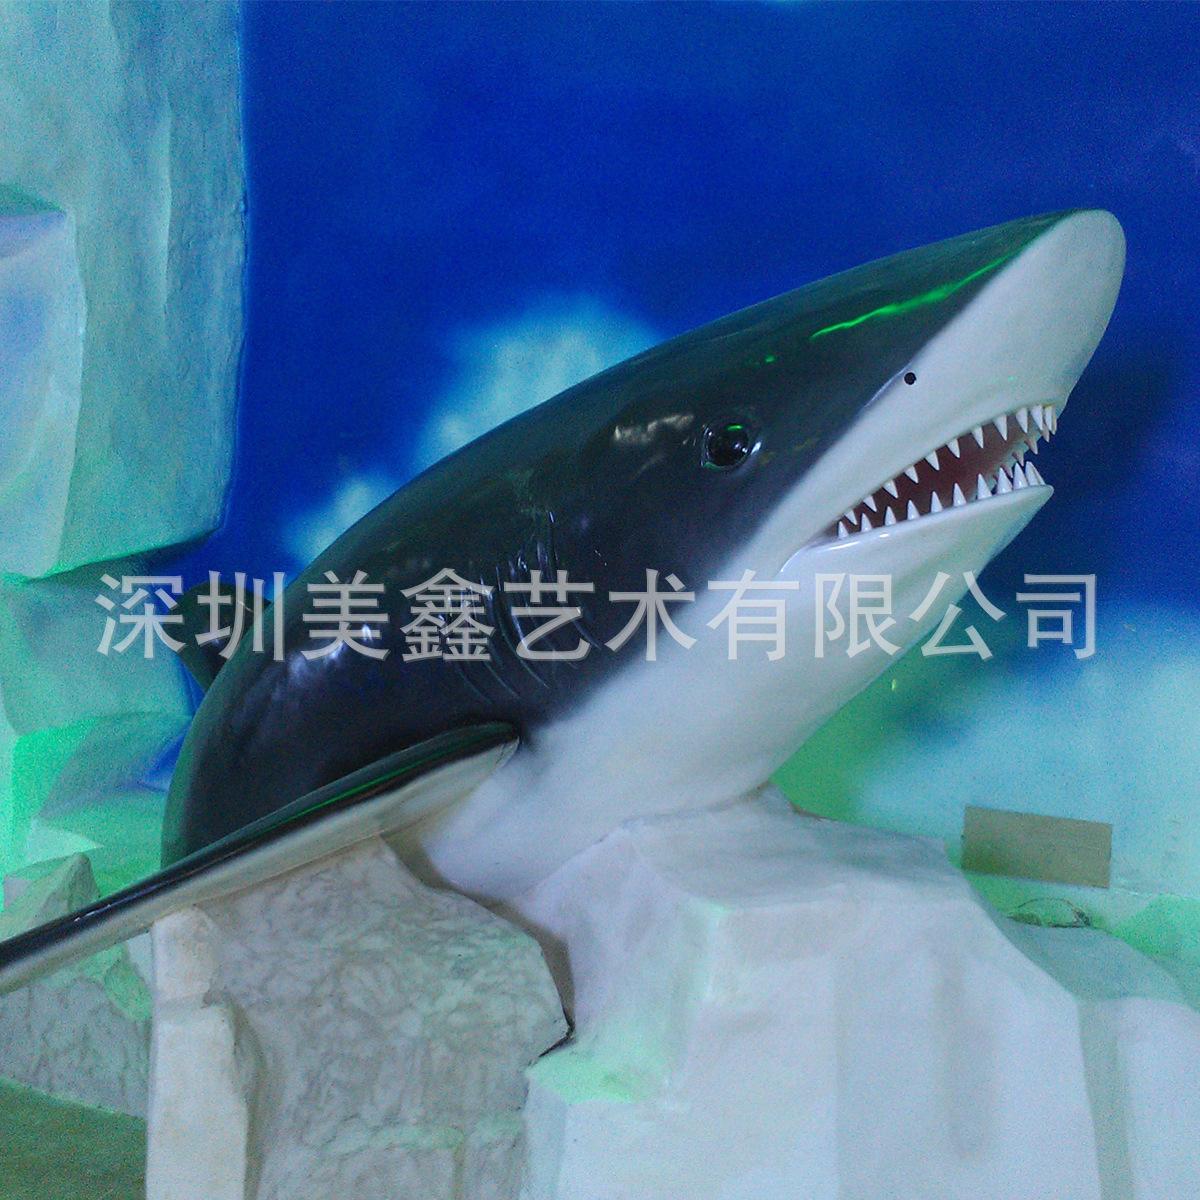 厂家直销 玻璃钢 景观雕塑 鲨鱼 仿真动物模型 模型 来图定做